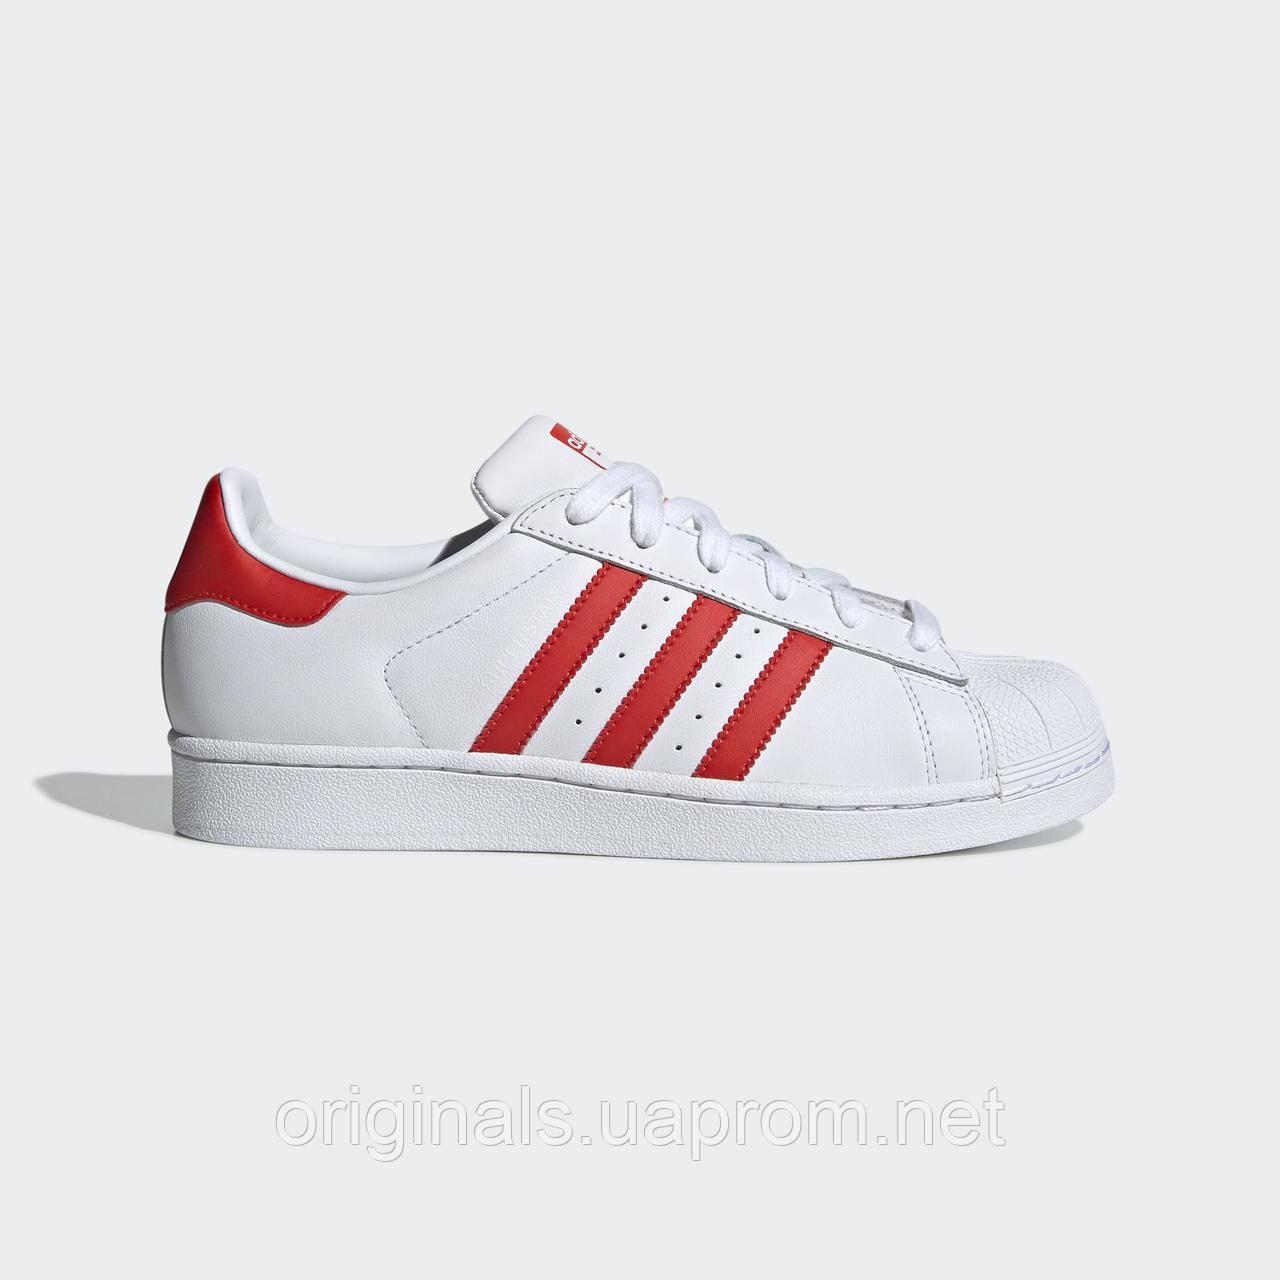 c9bde6e269b023 Кроссовки женские Adidas Superstar Galllery W CM8413 - 2019 - интернет- магазин Originals - Оригинальный